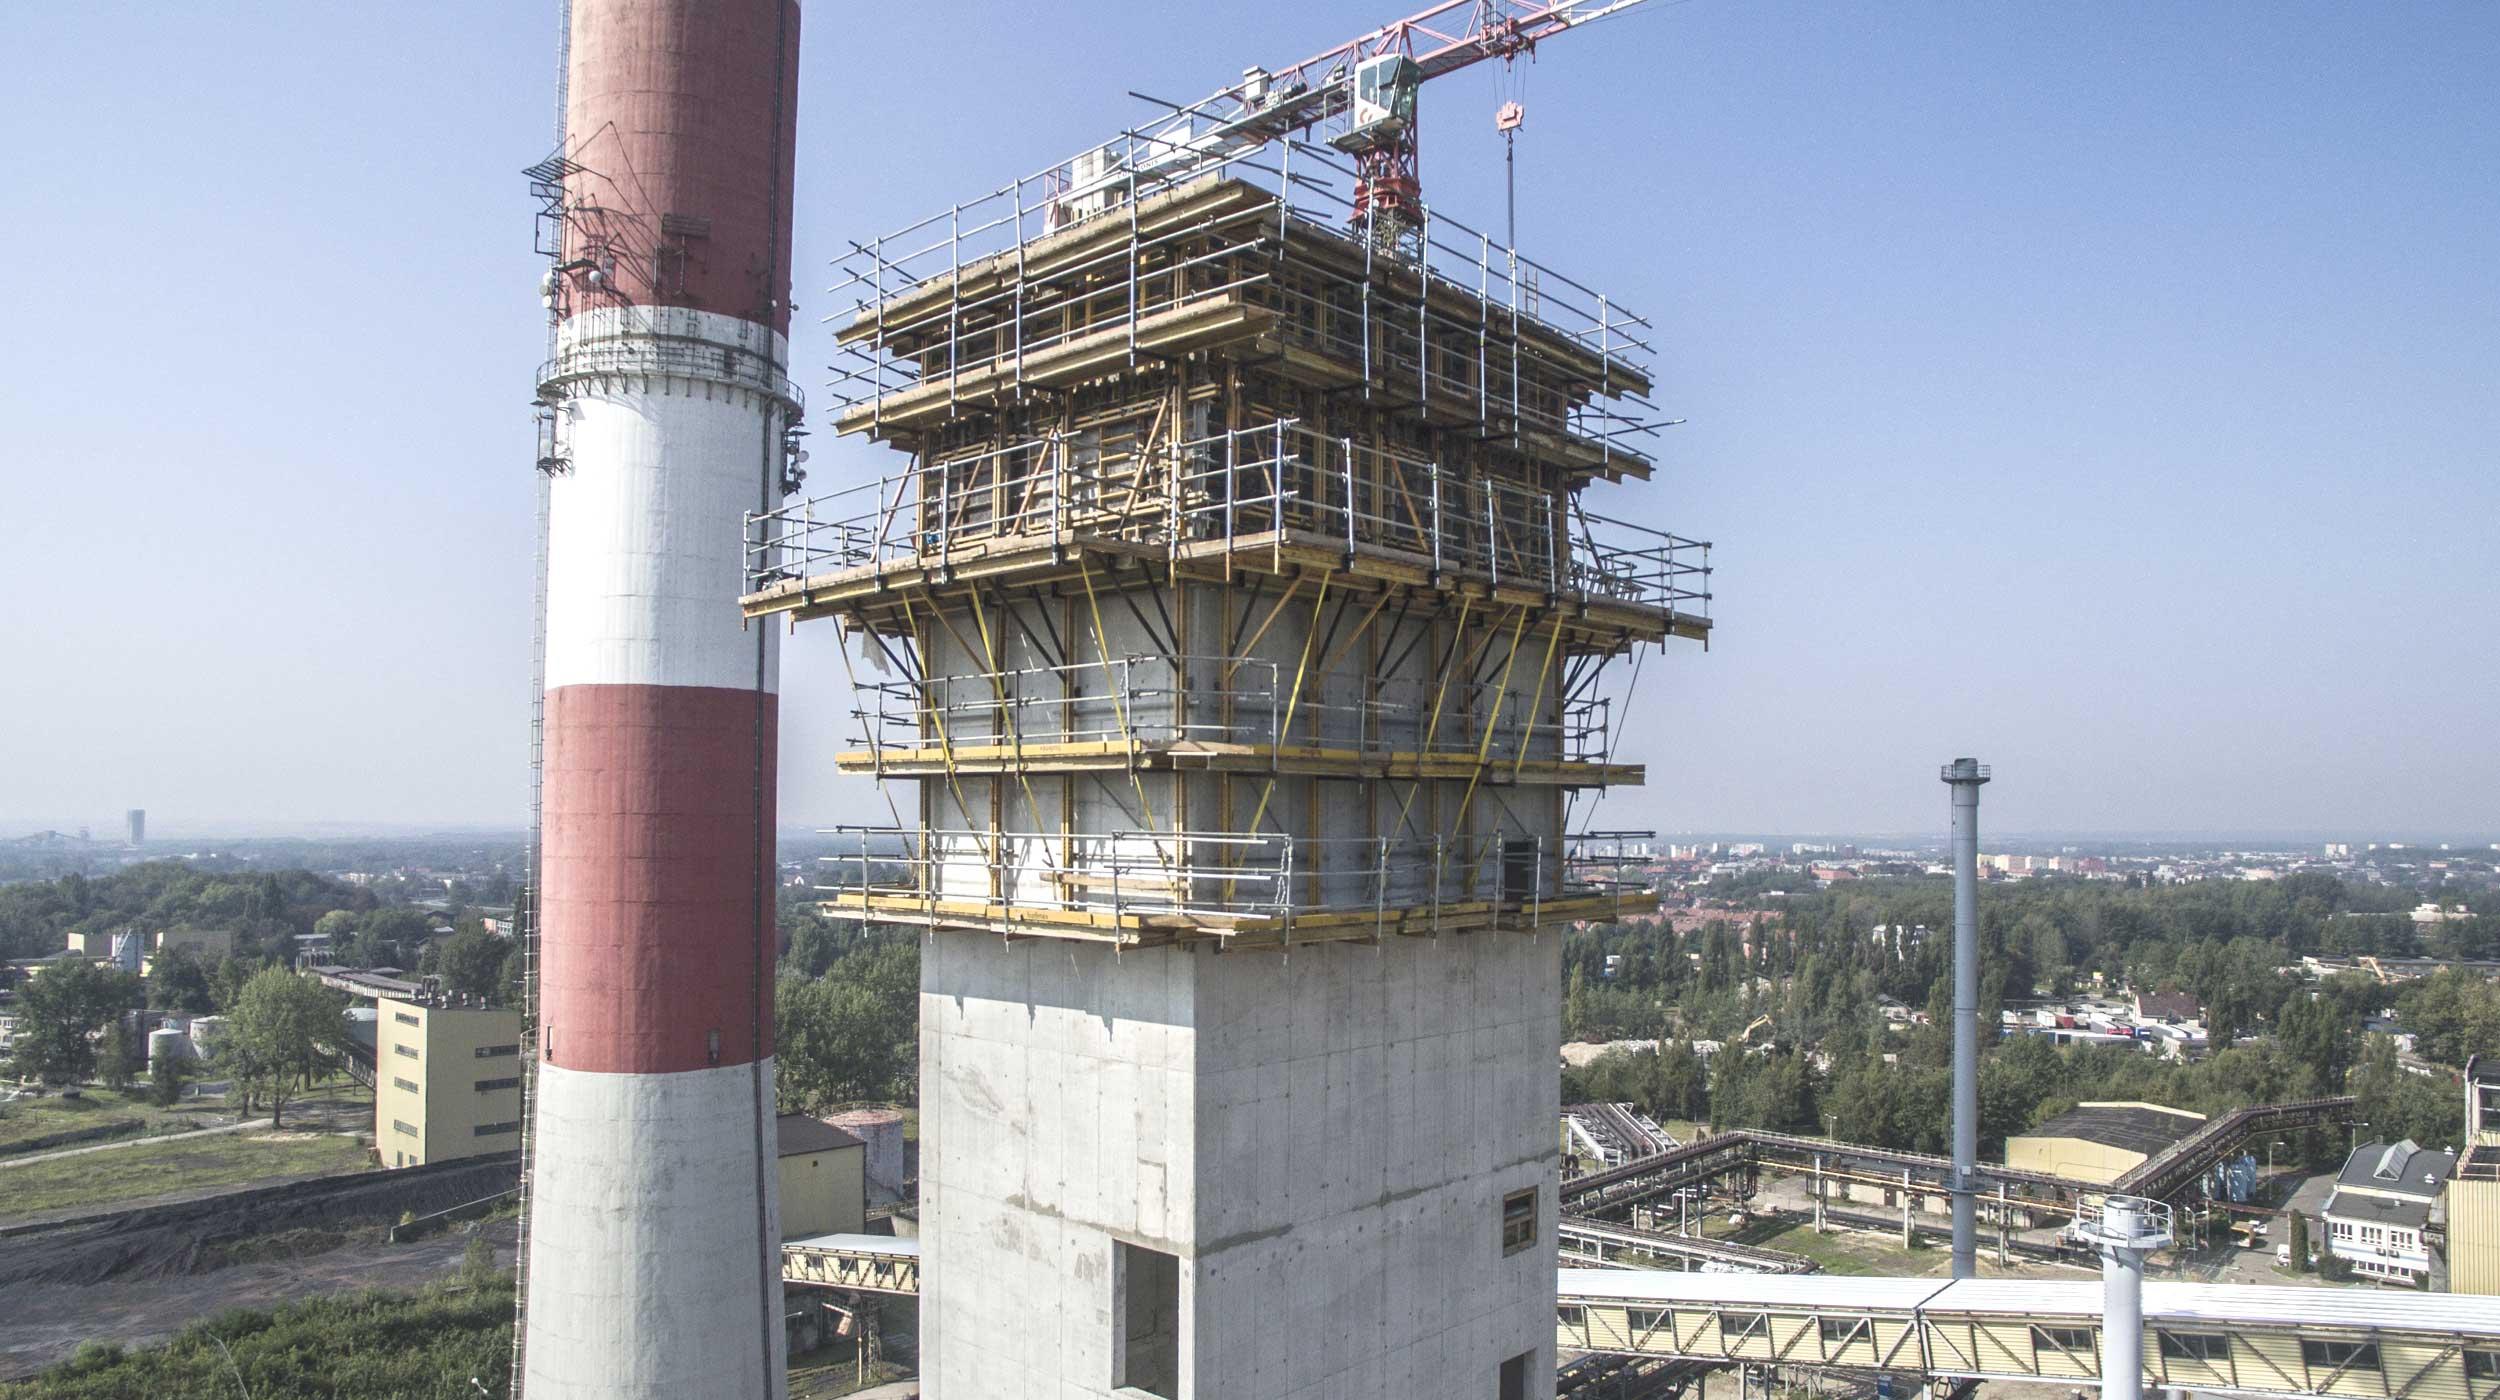 Roczna produkcja nowego obiektu wyniesie 730 GWh ciepła i 550 GWh energii elektrycznej, co pozwoli zasilić ok. 70 tysięcy mieszkań.